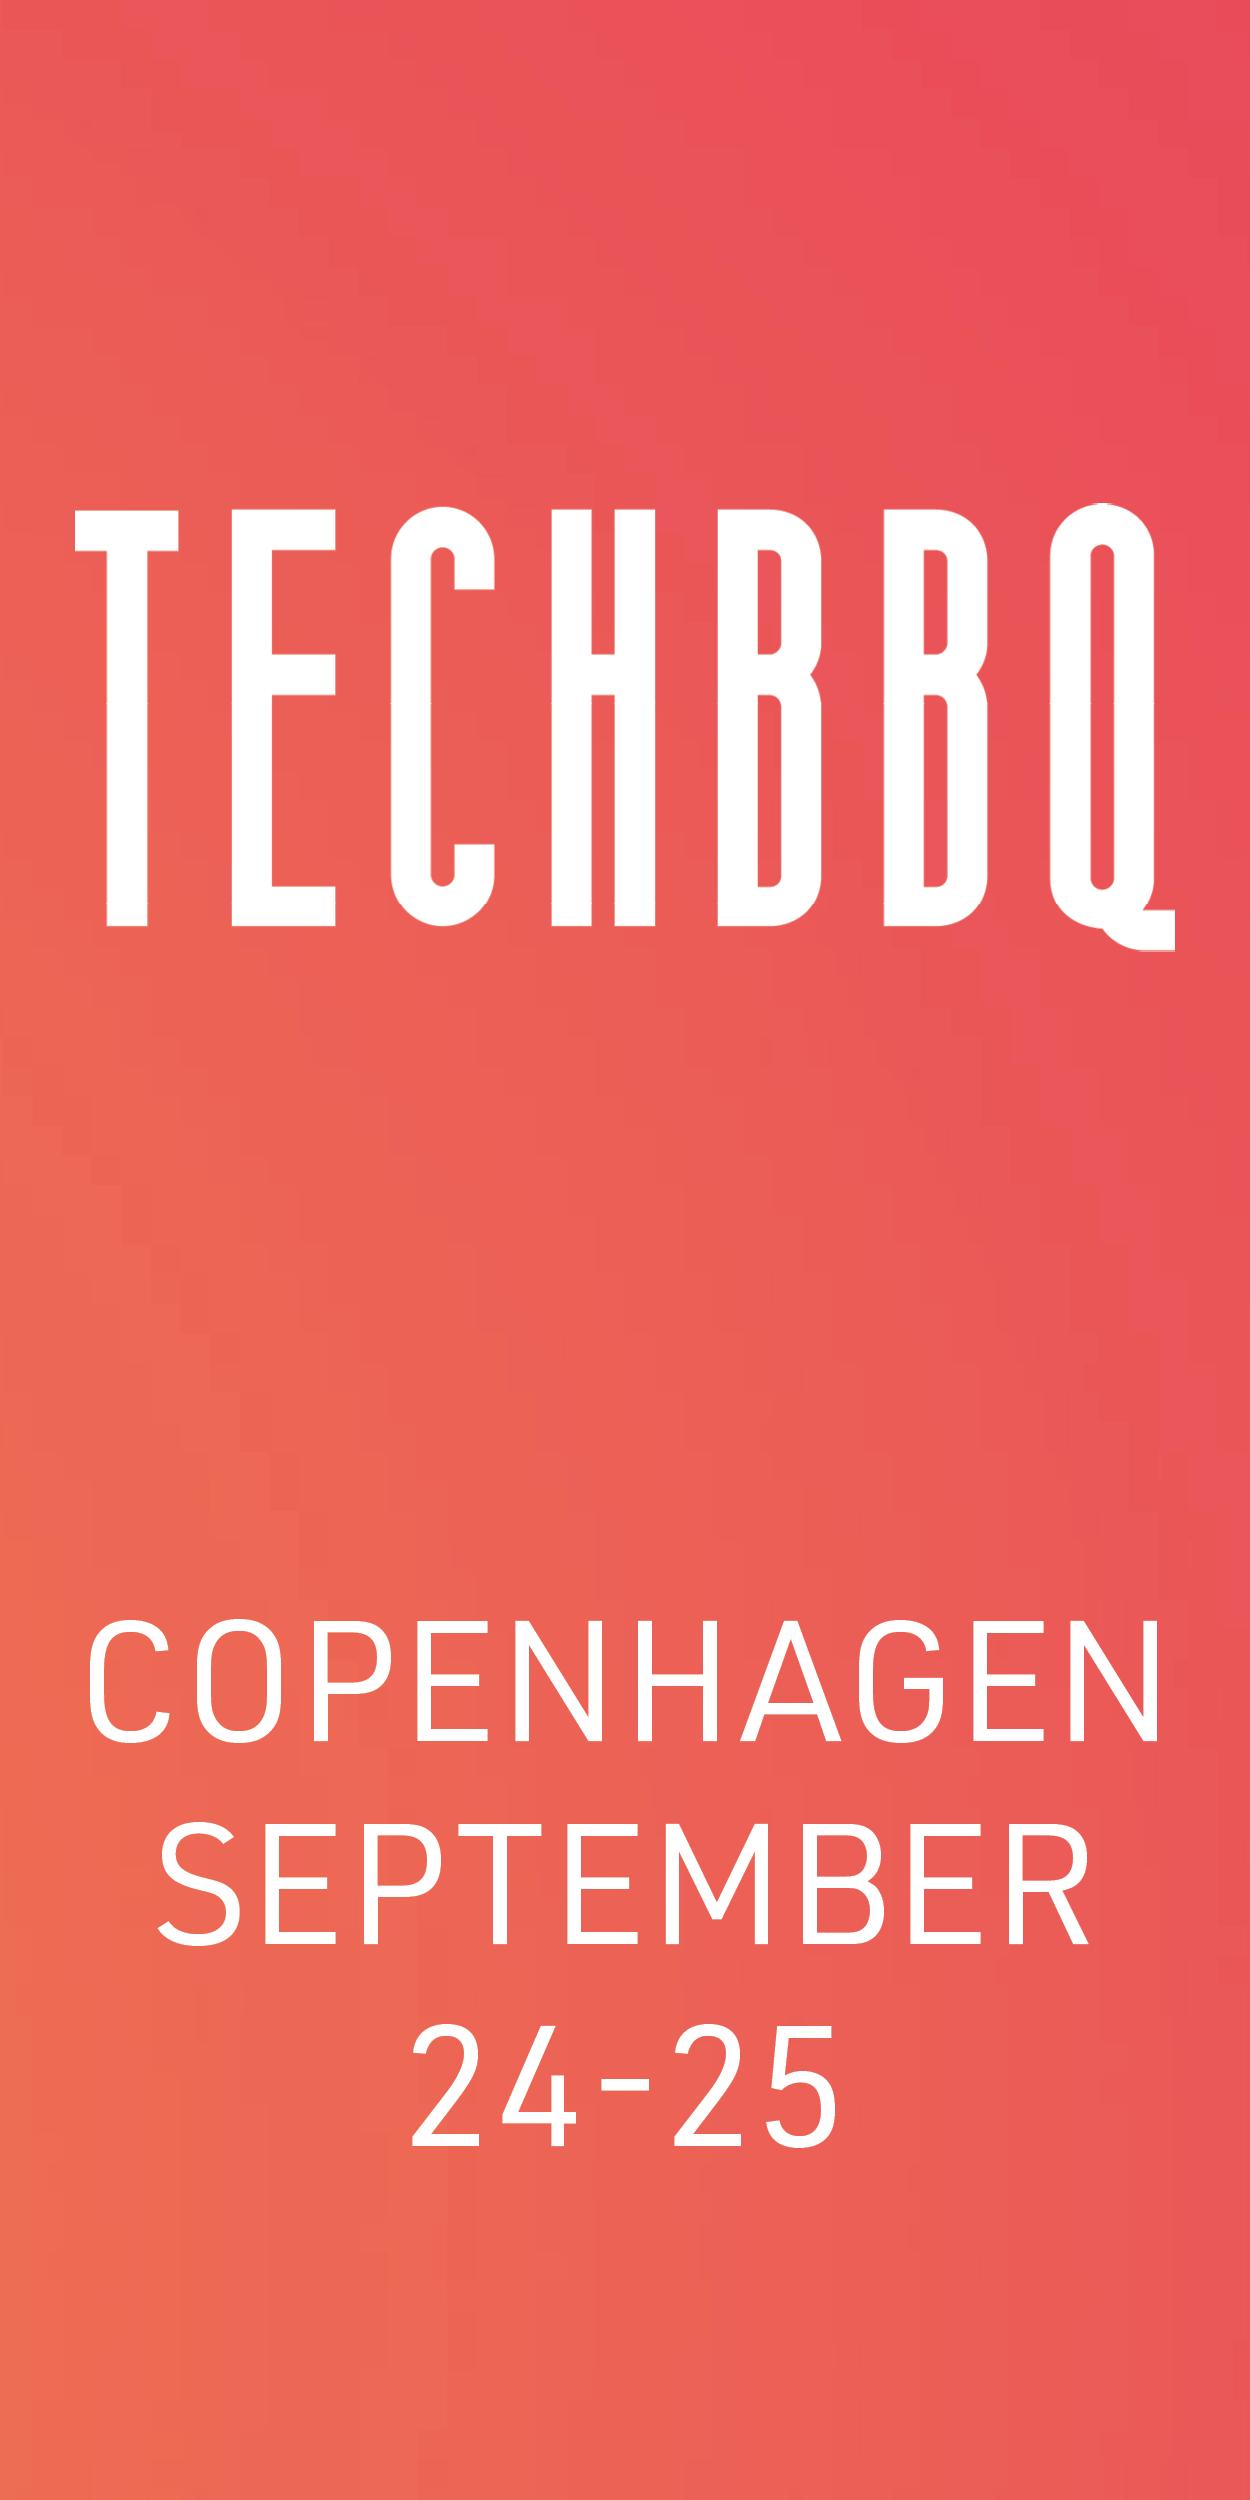 TechBBQ 2018.png